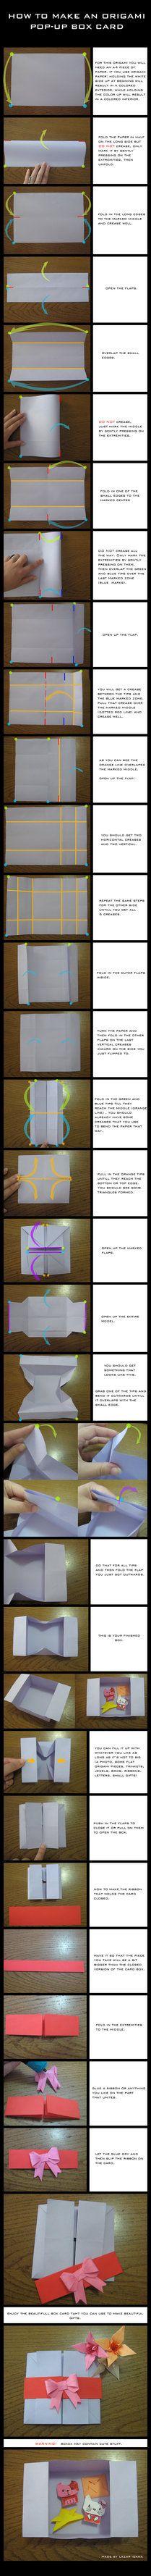 Caixa envelope